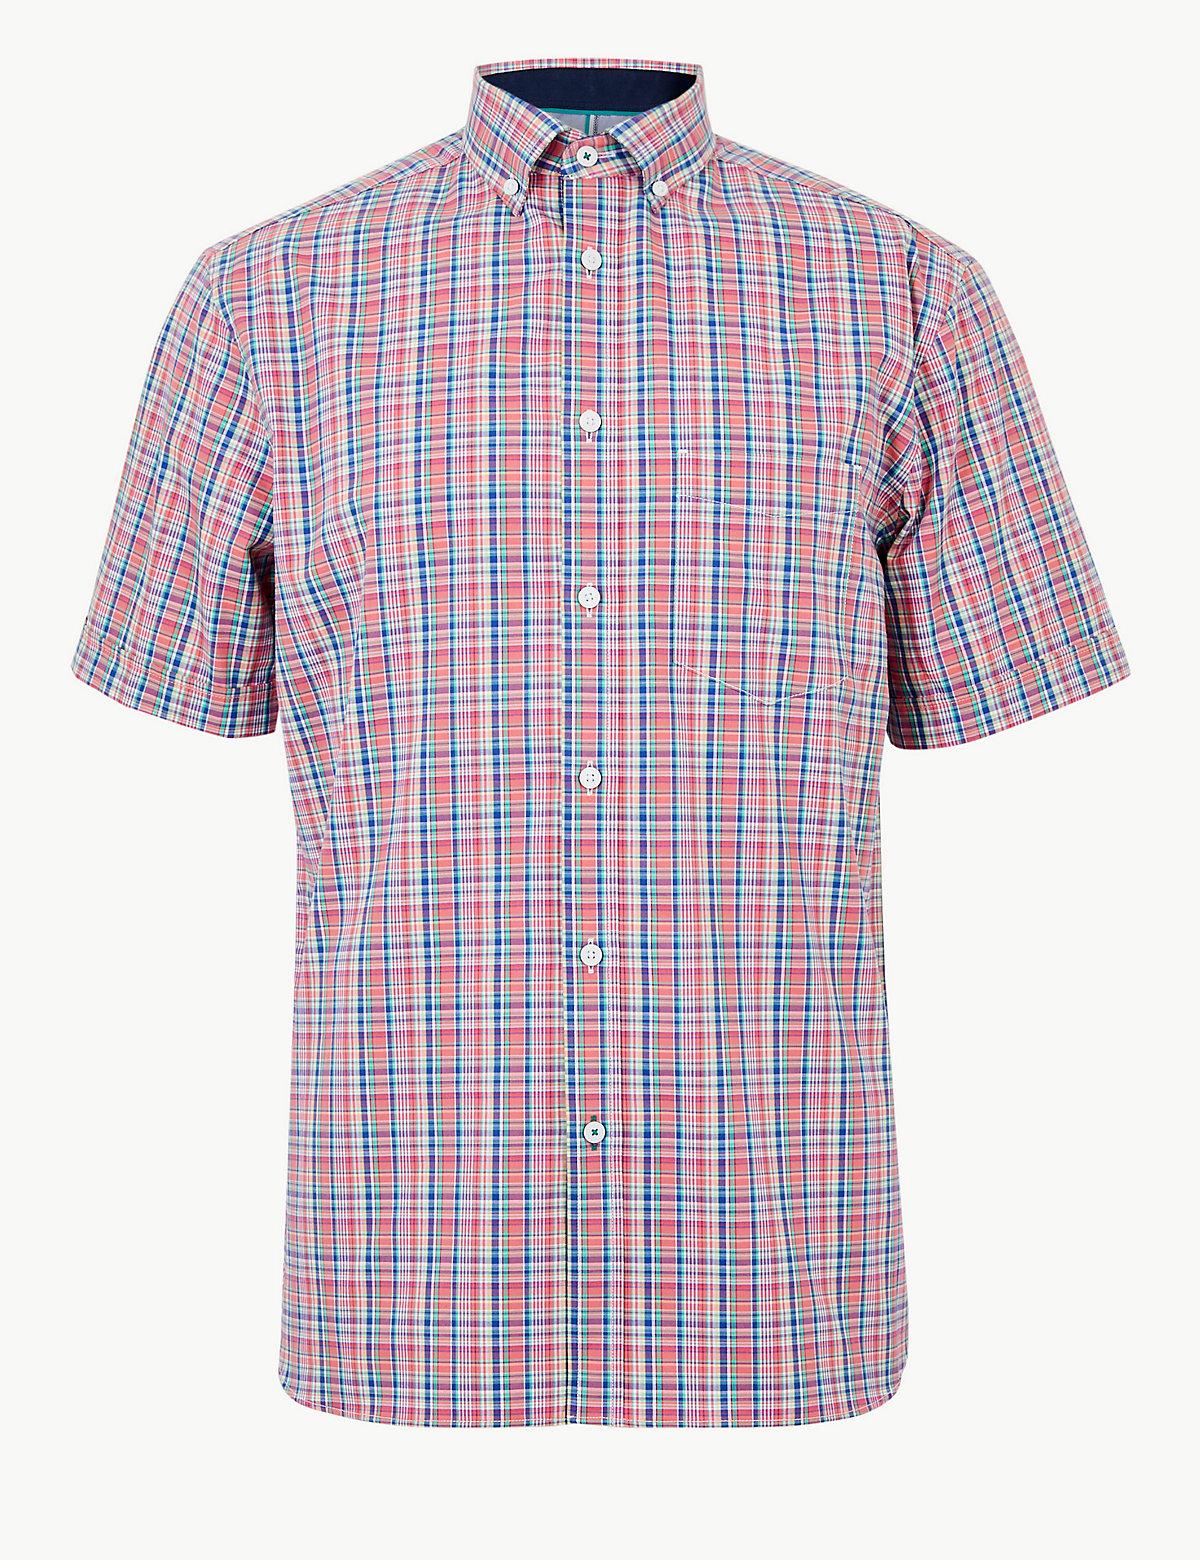 Мужская рубашка в мелкую цветную клетку